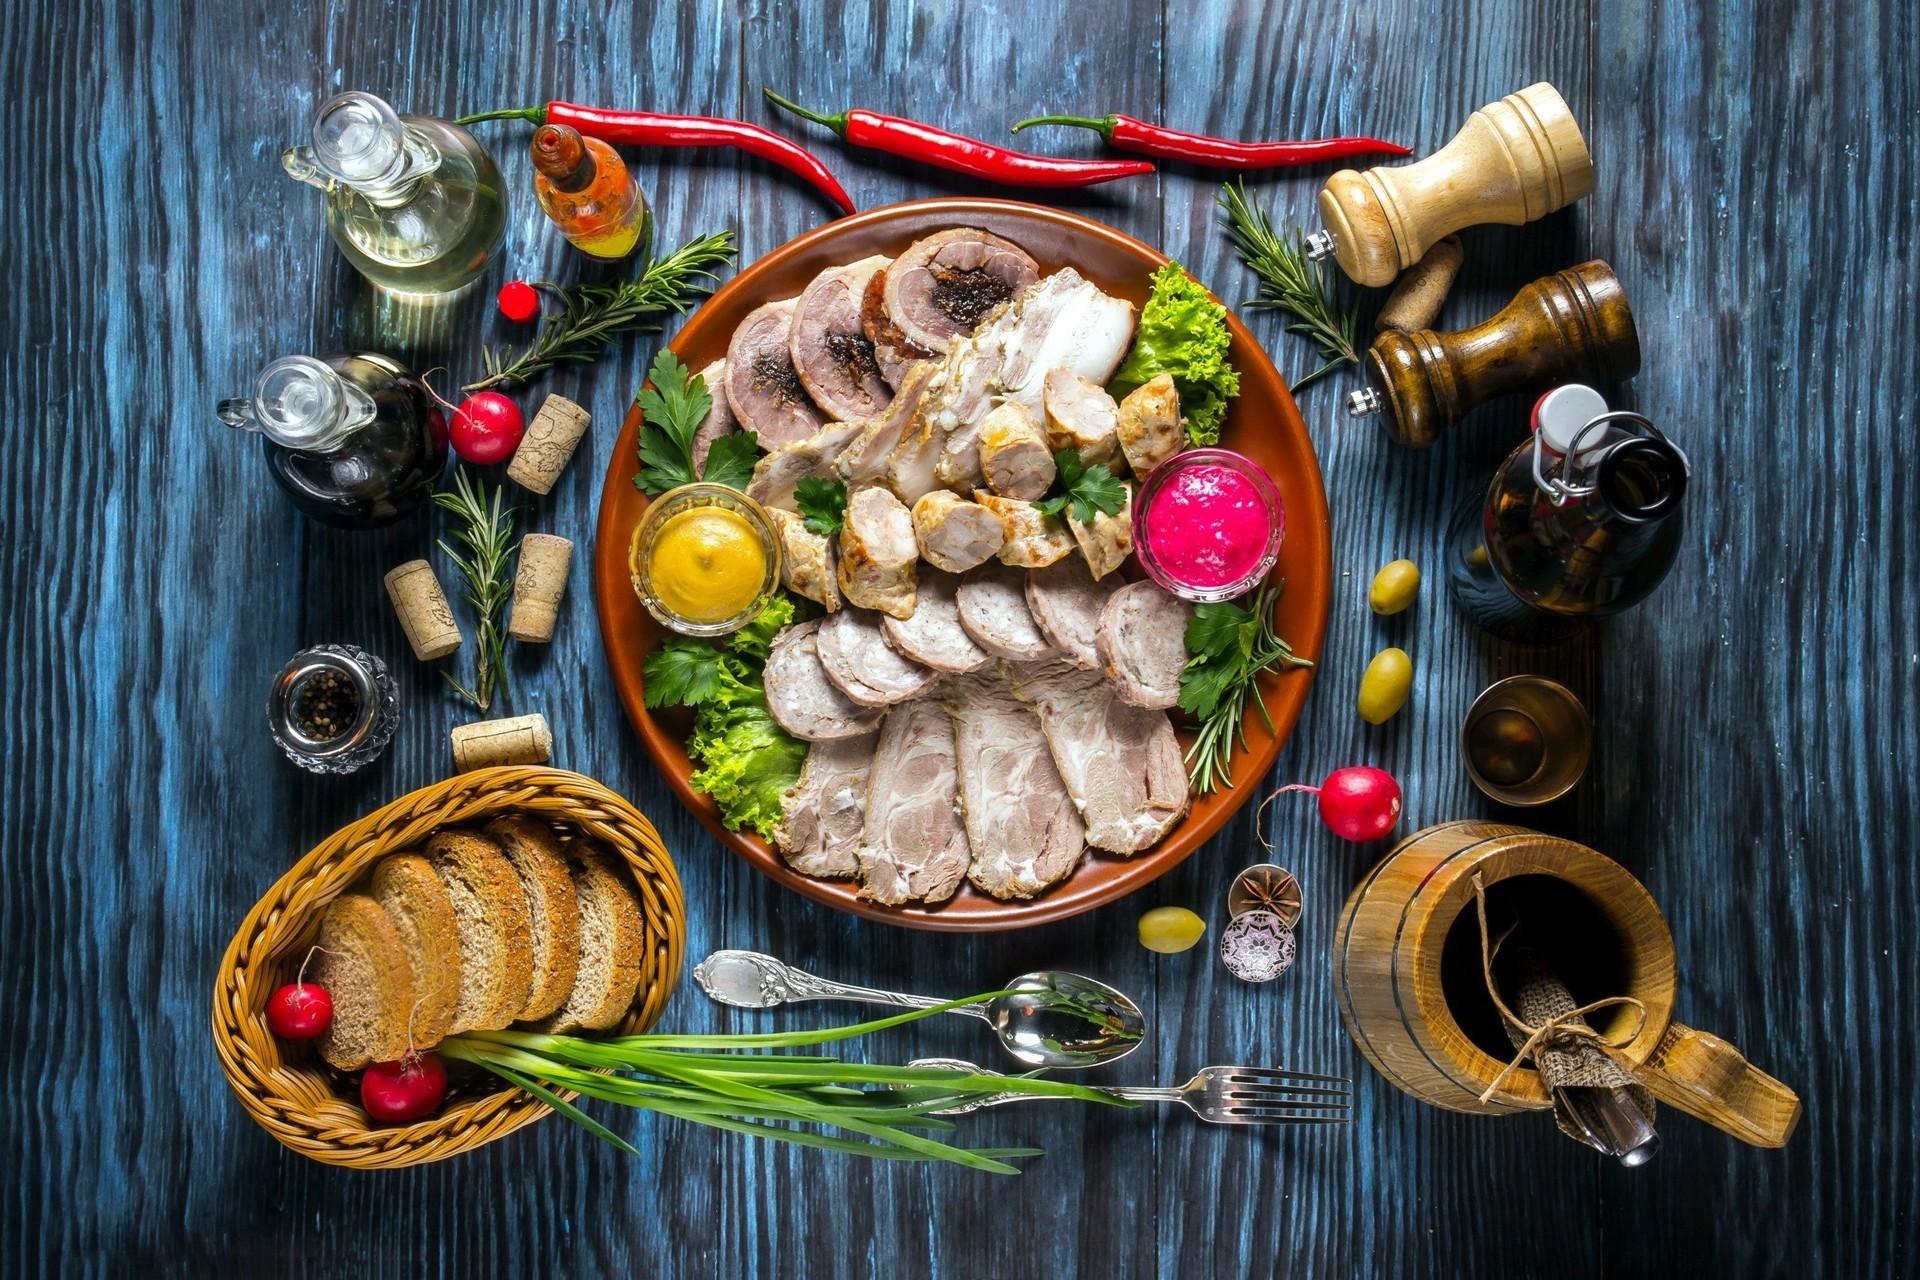 cuisine de saison: des recettes faciles et  gourmandes